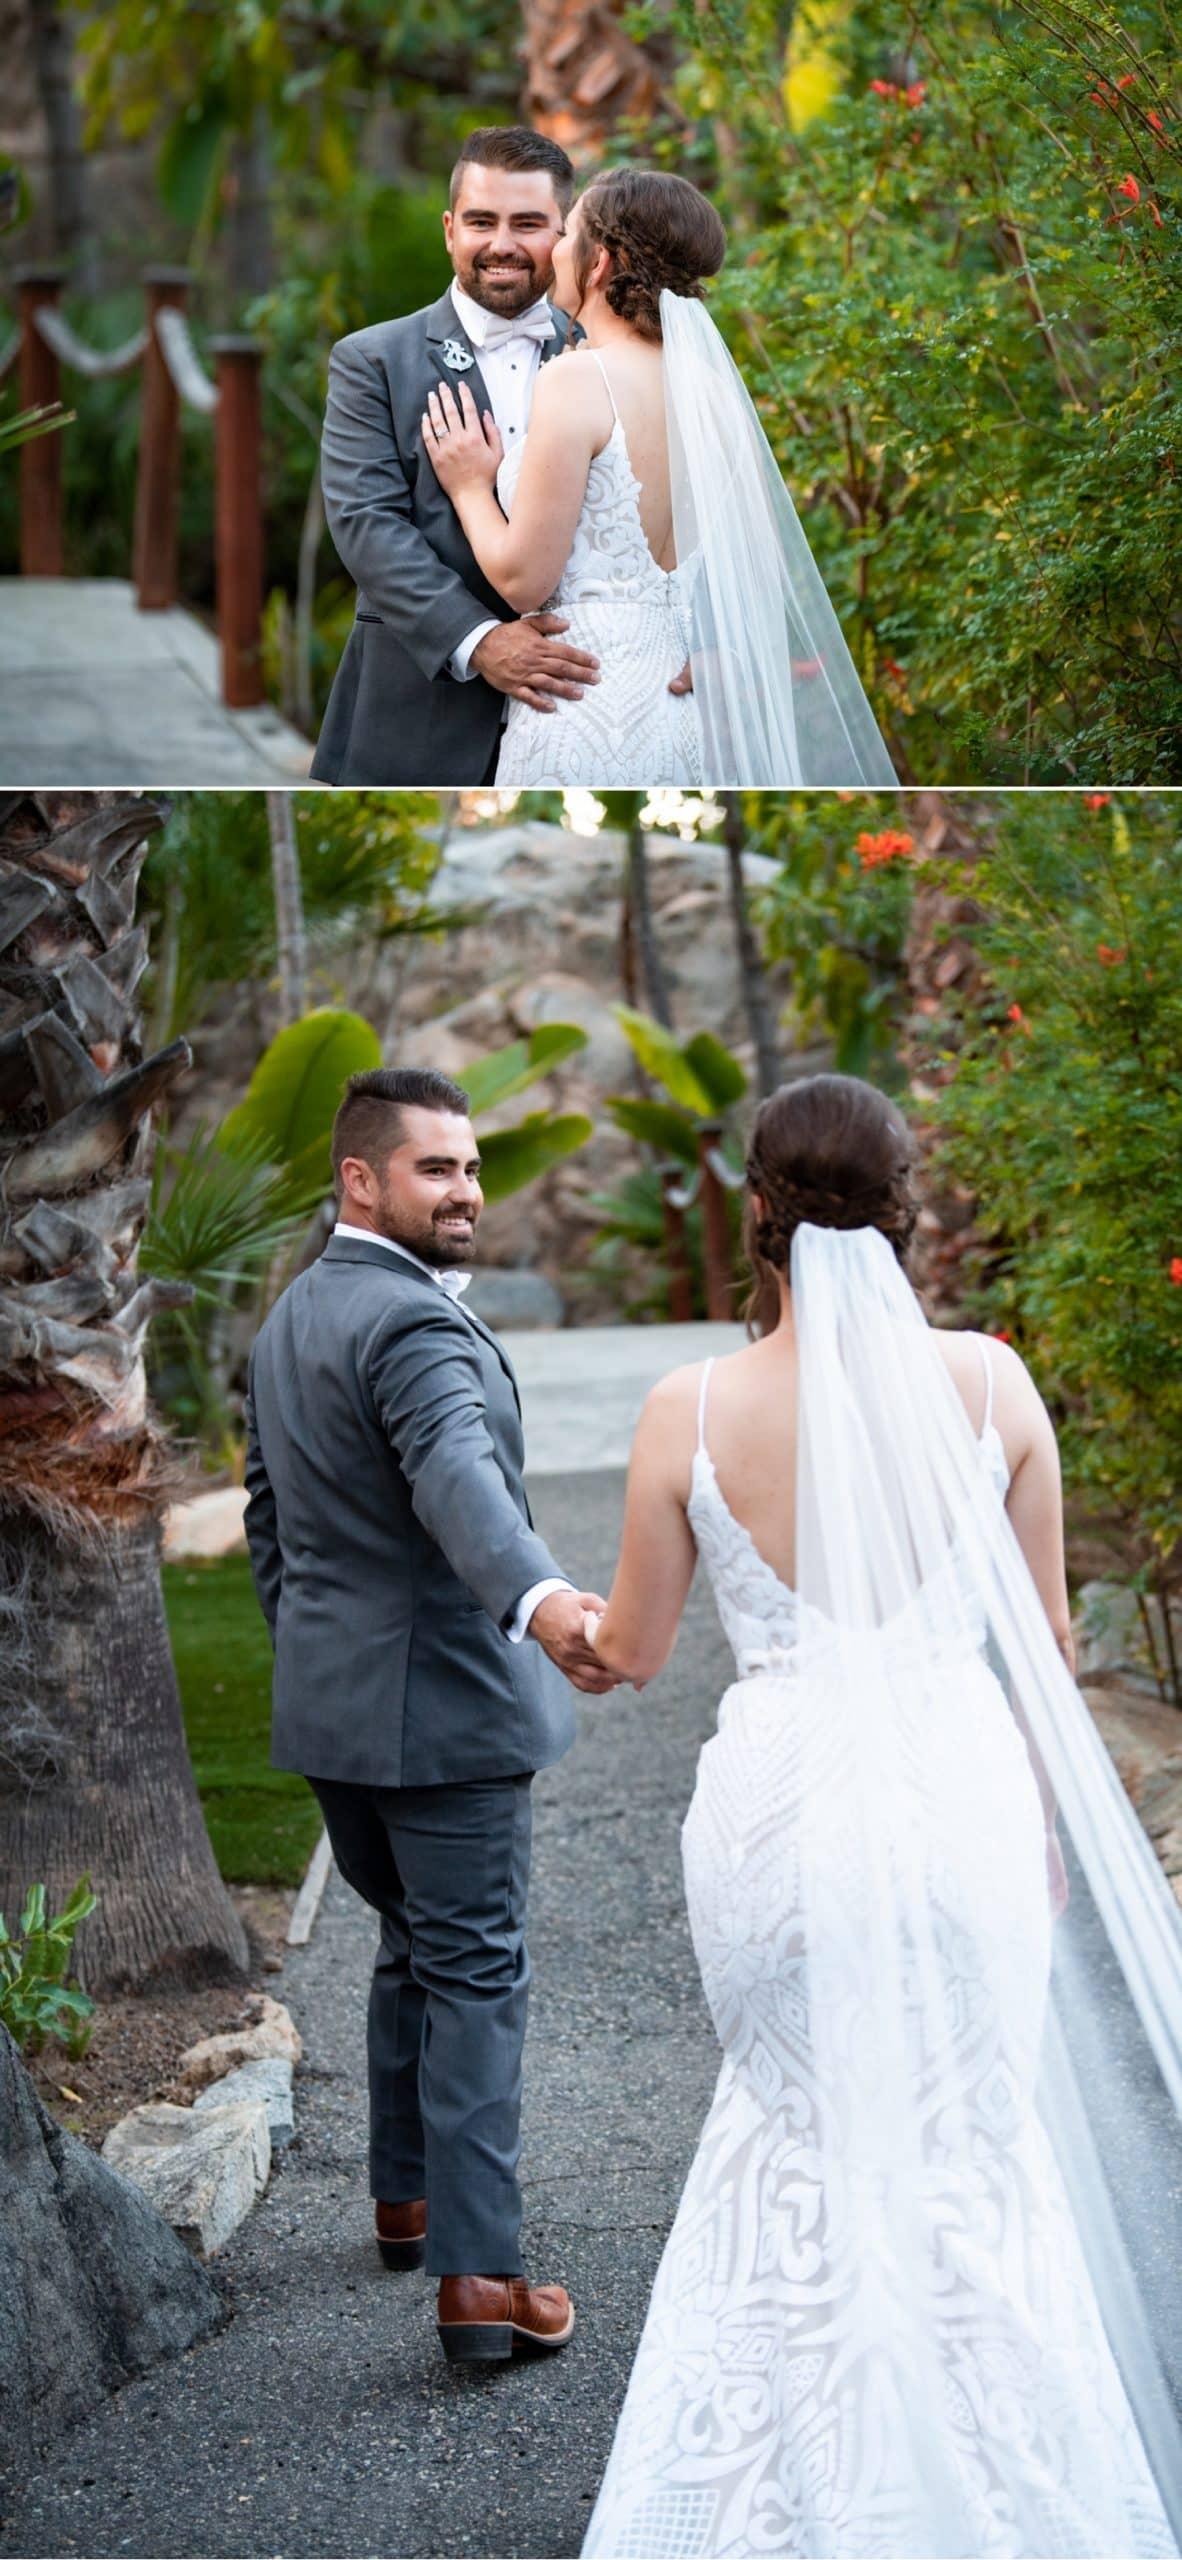 Bride and groom at Botanica in Oceanside, CA.